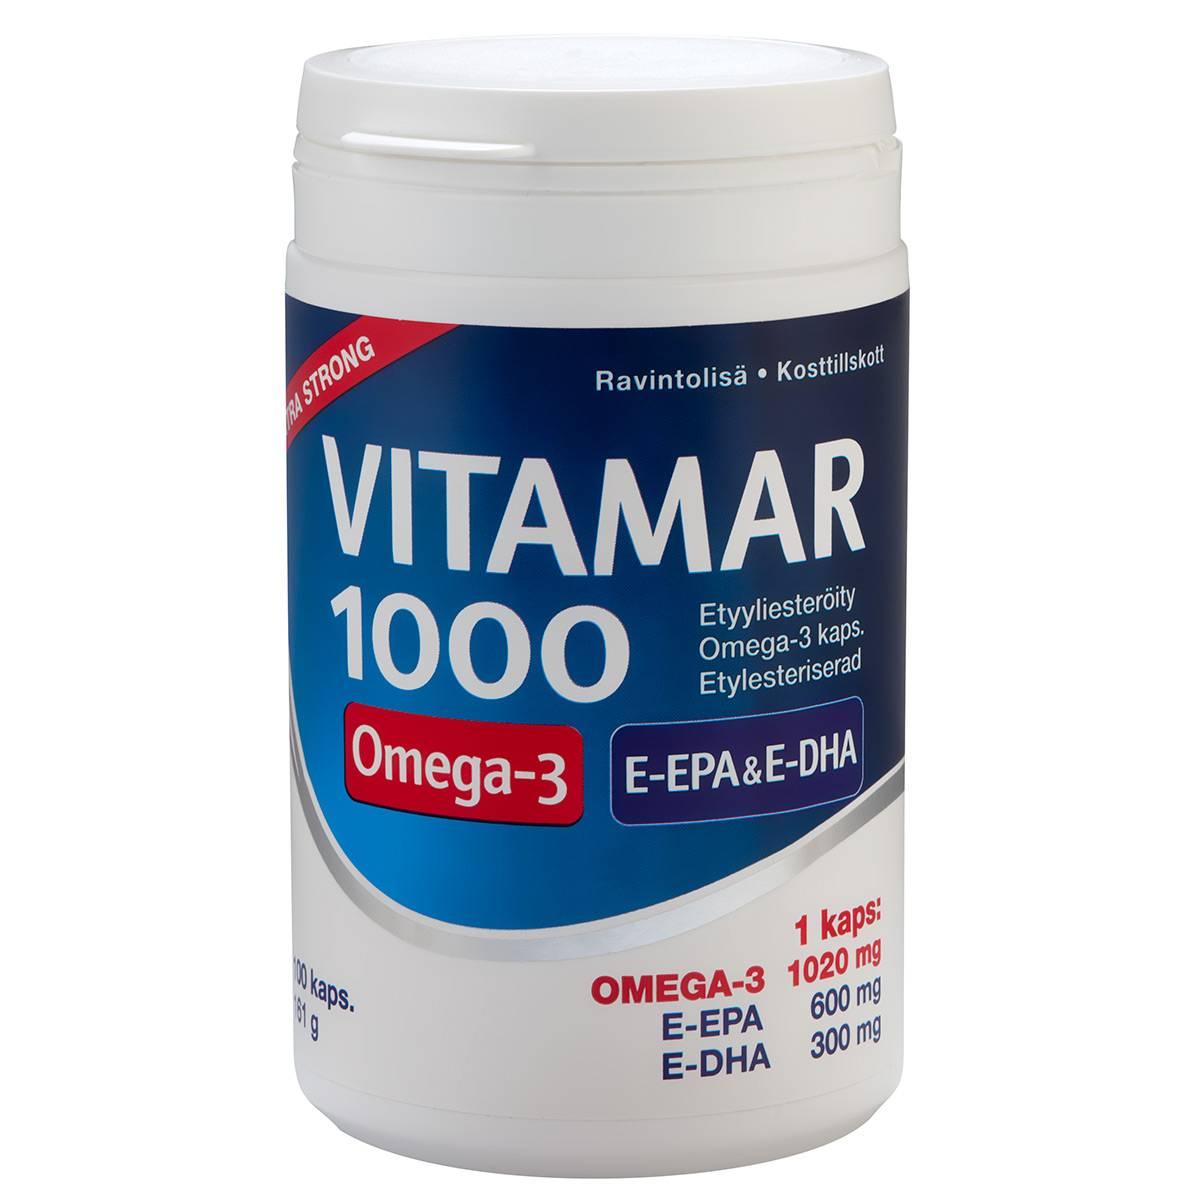 Vitamar 1000 - 100 caps